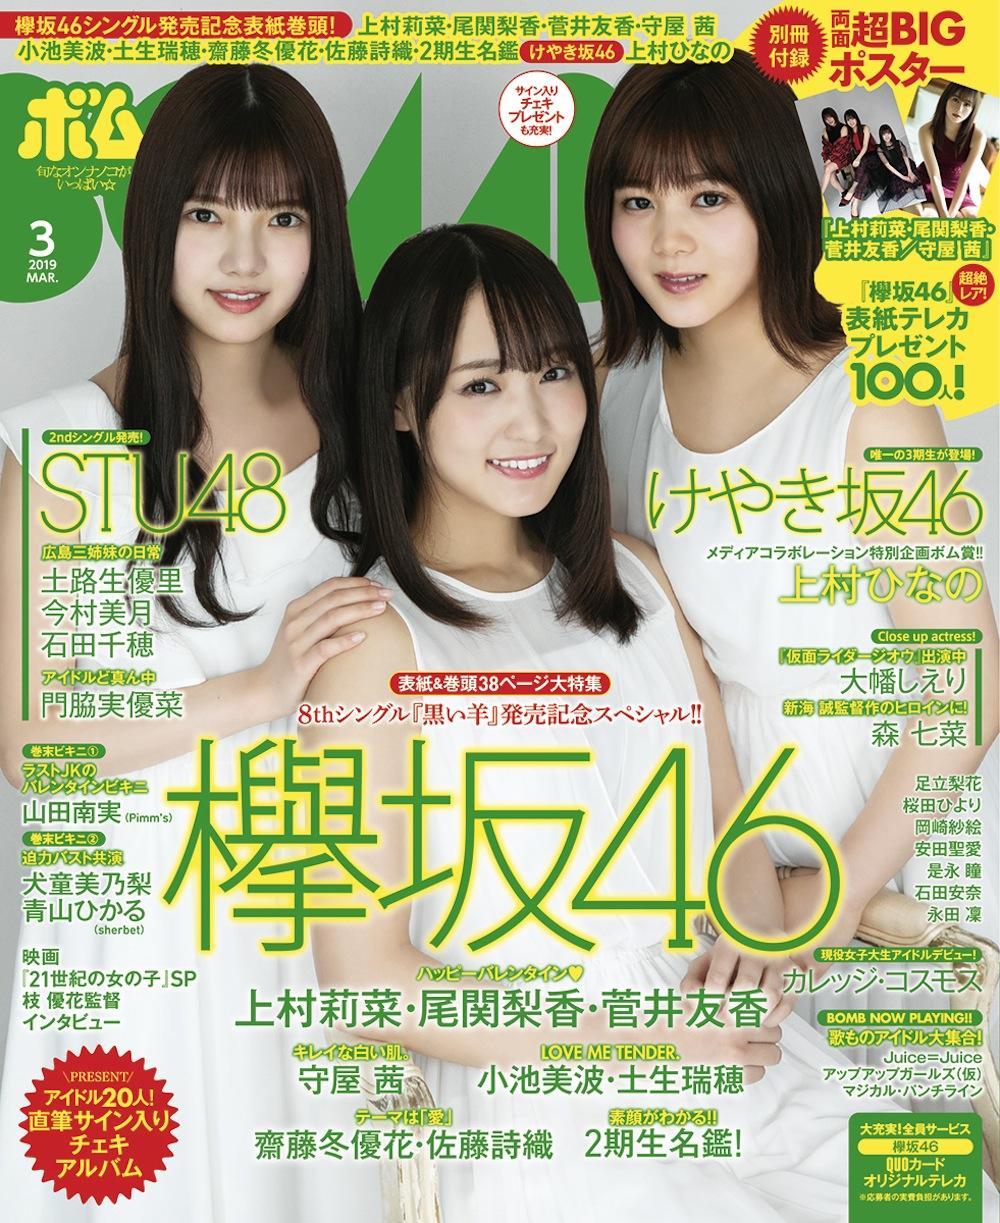 欅坂46 上村莉菜・尾関梨香・菅井友香/ボム3月号